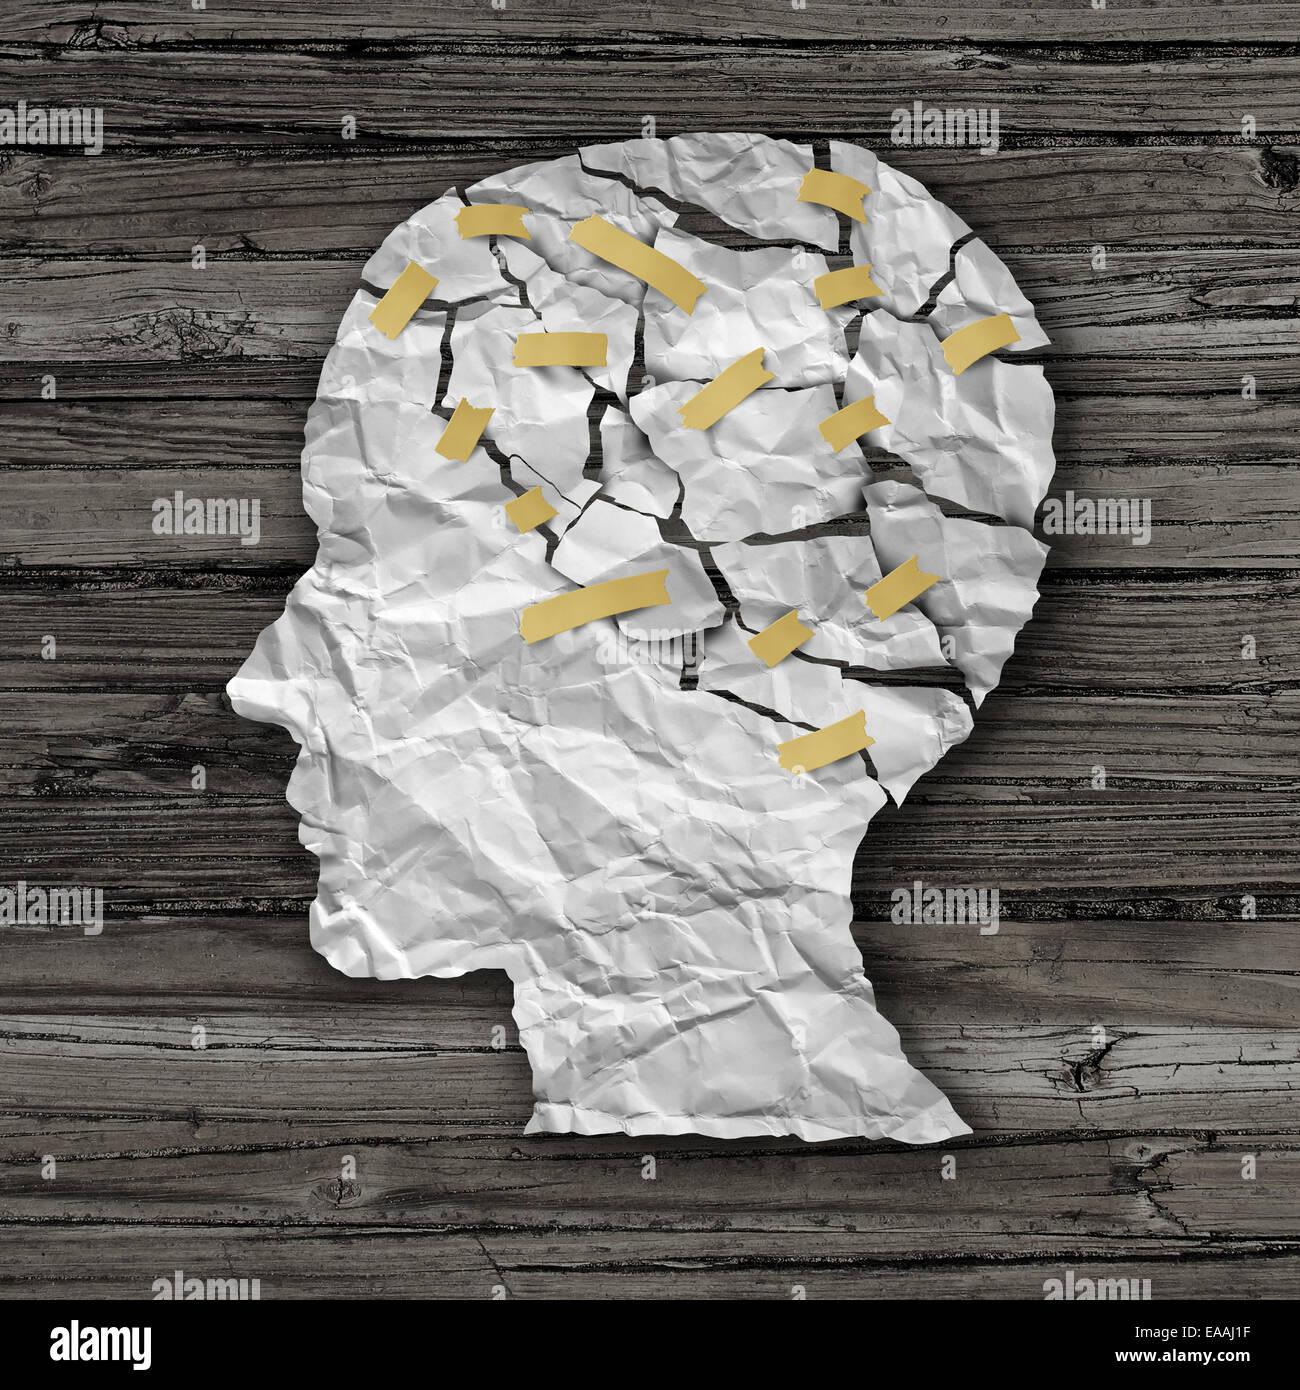 La thérapie de la maladie du cerveau et le traitement de la santé mentale, une feuille de papier blanc Photo Stock